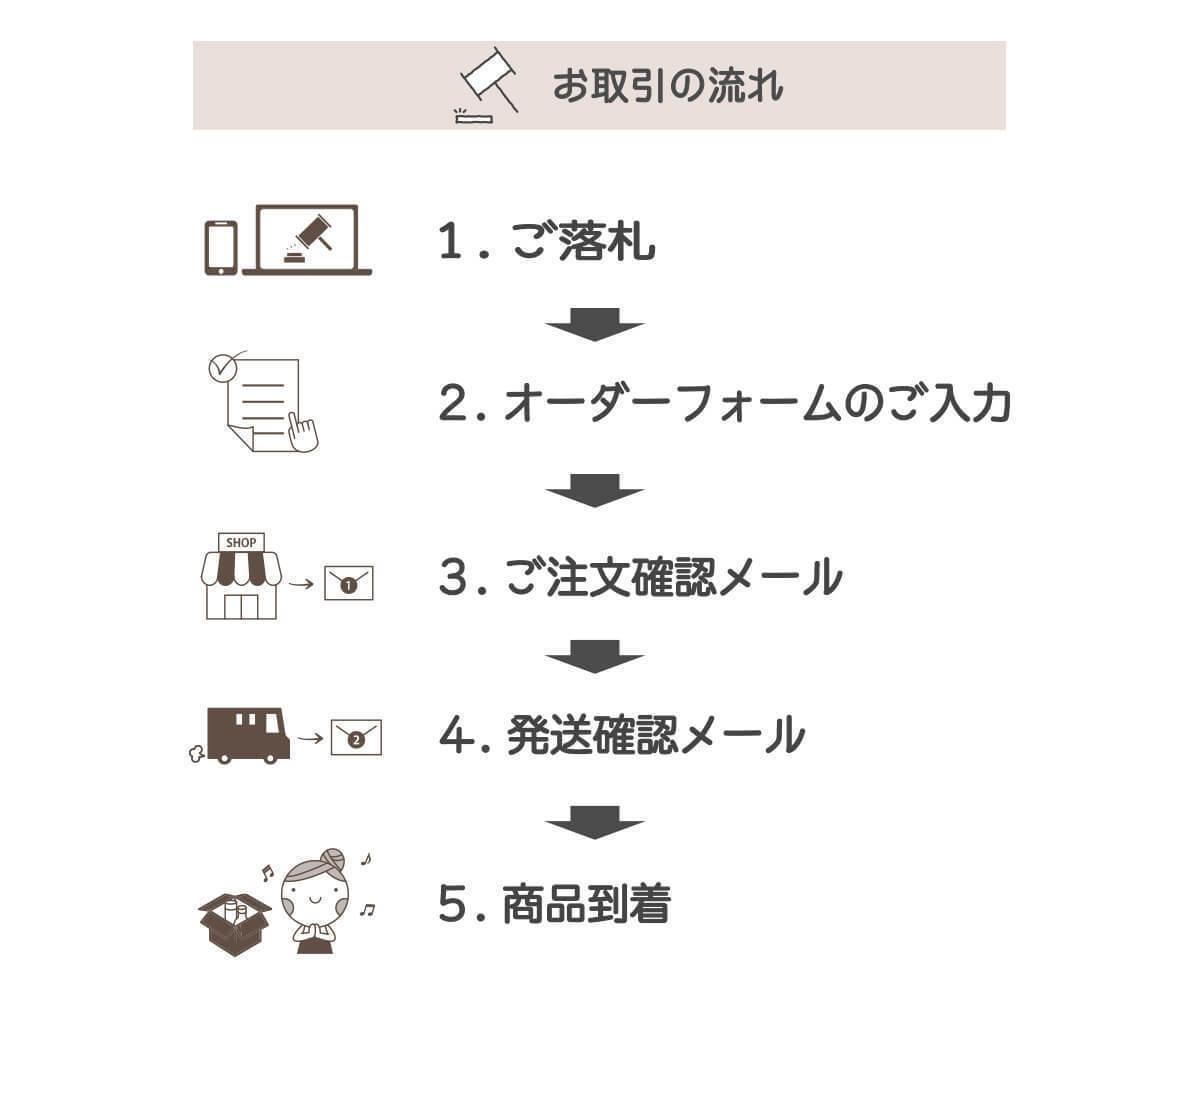 ☆タイシャップ R40プレミア 31粒 賞味期限 2020年1月迄 1袋 未開封品 ネコポス可_画像4